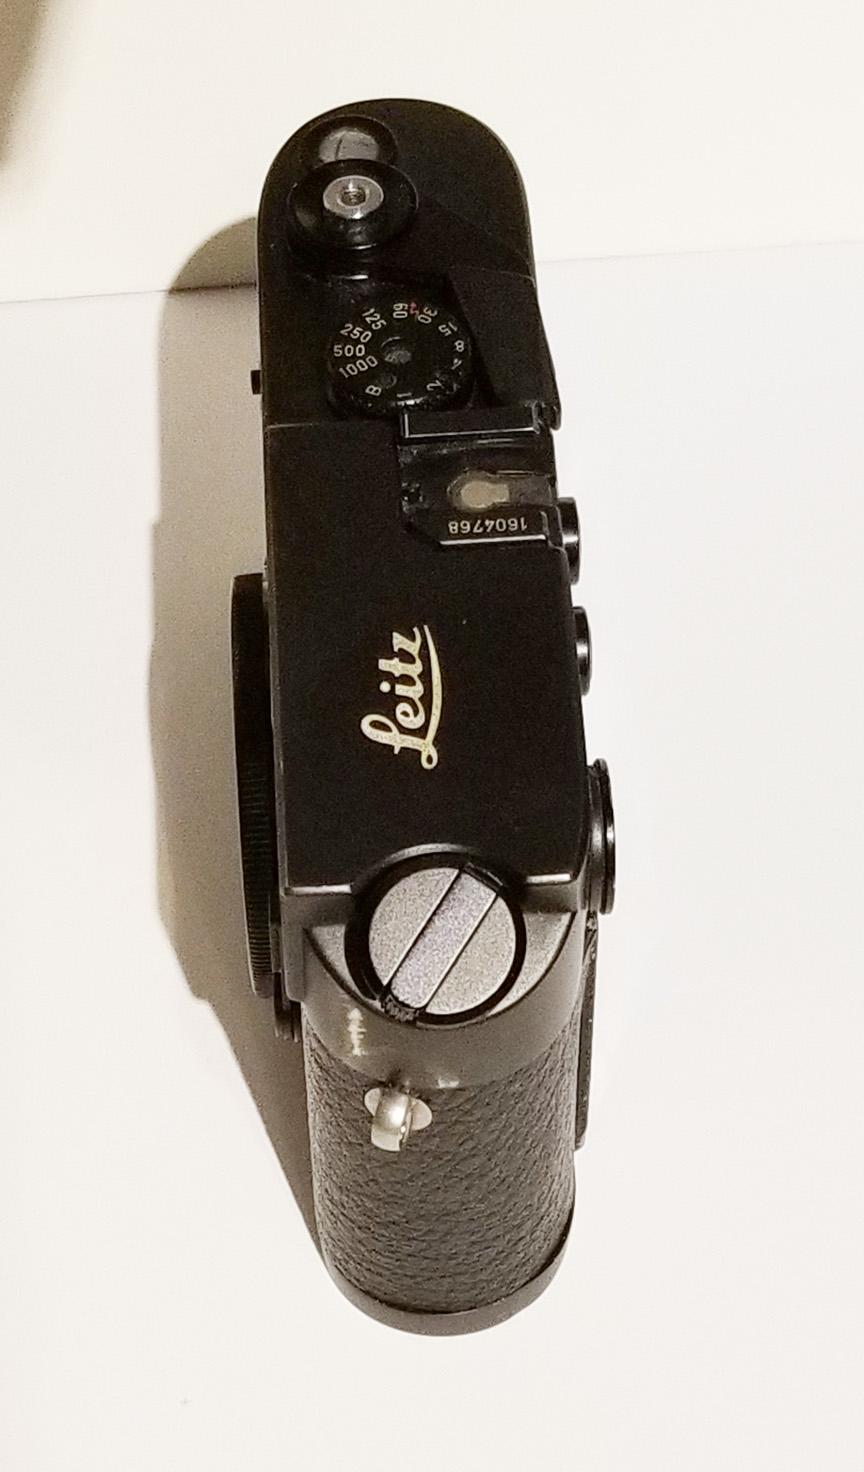 Leica M4 Vs M4p